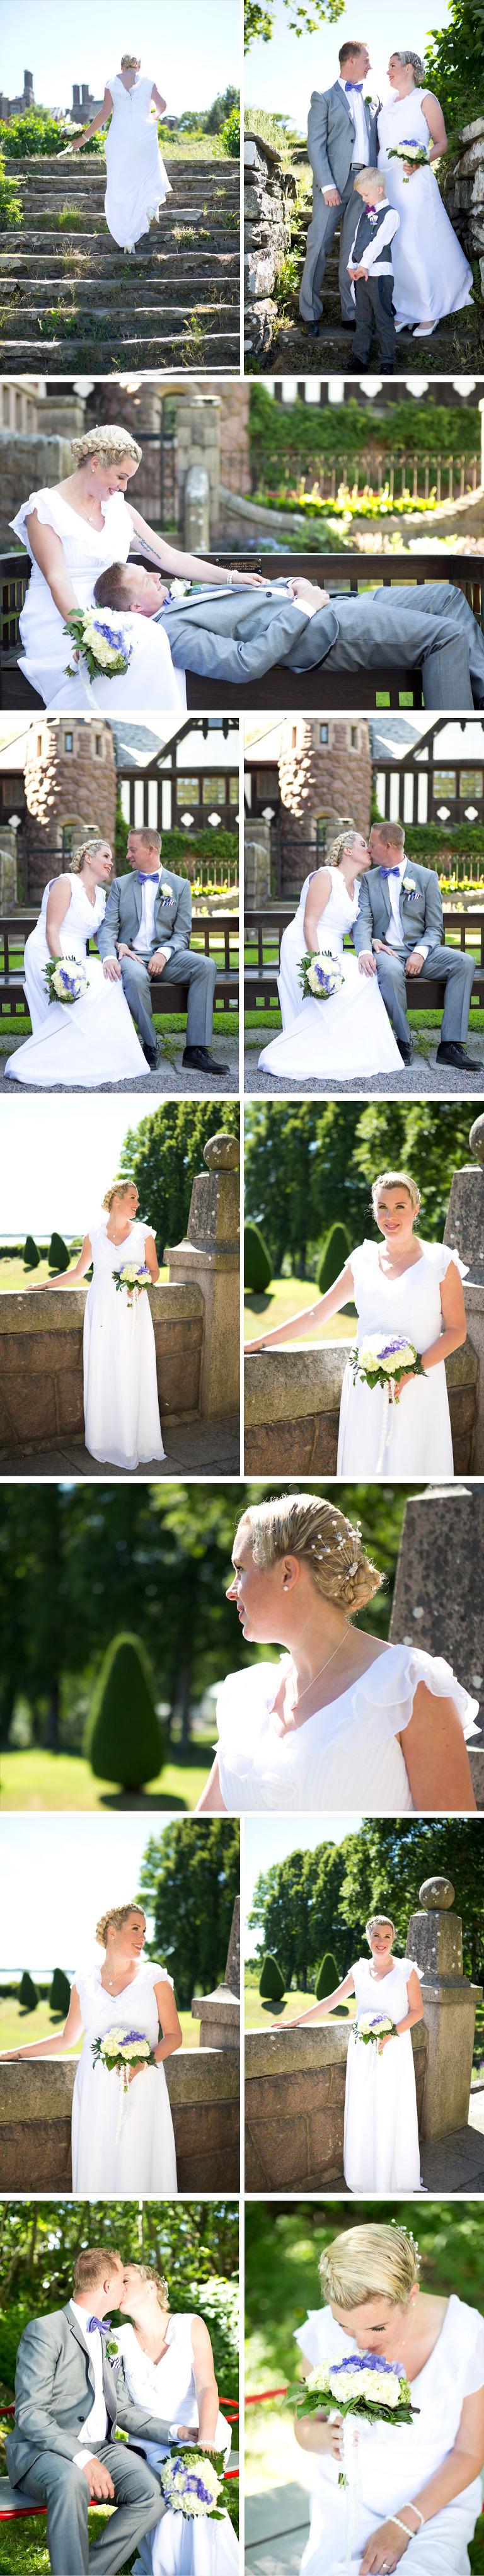 Bröllop Tjolöholm